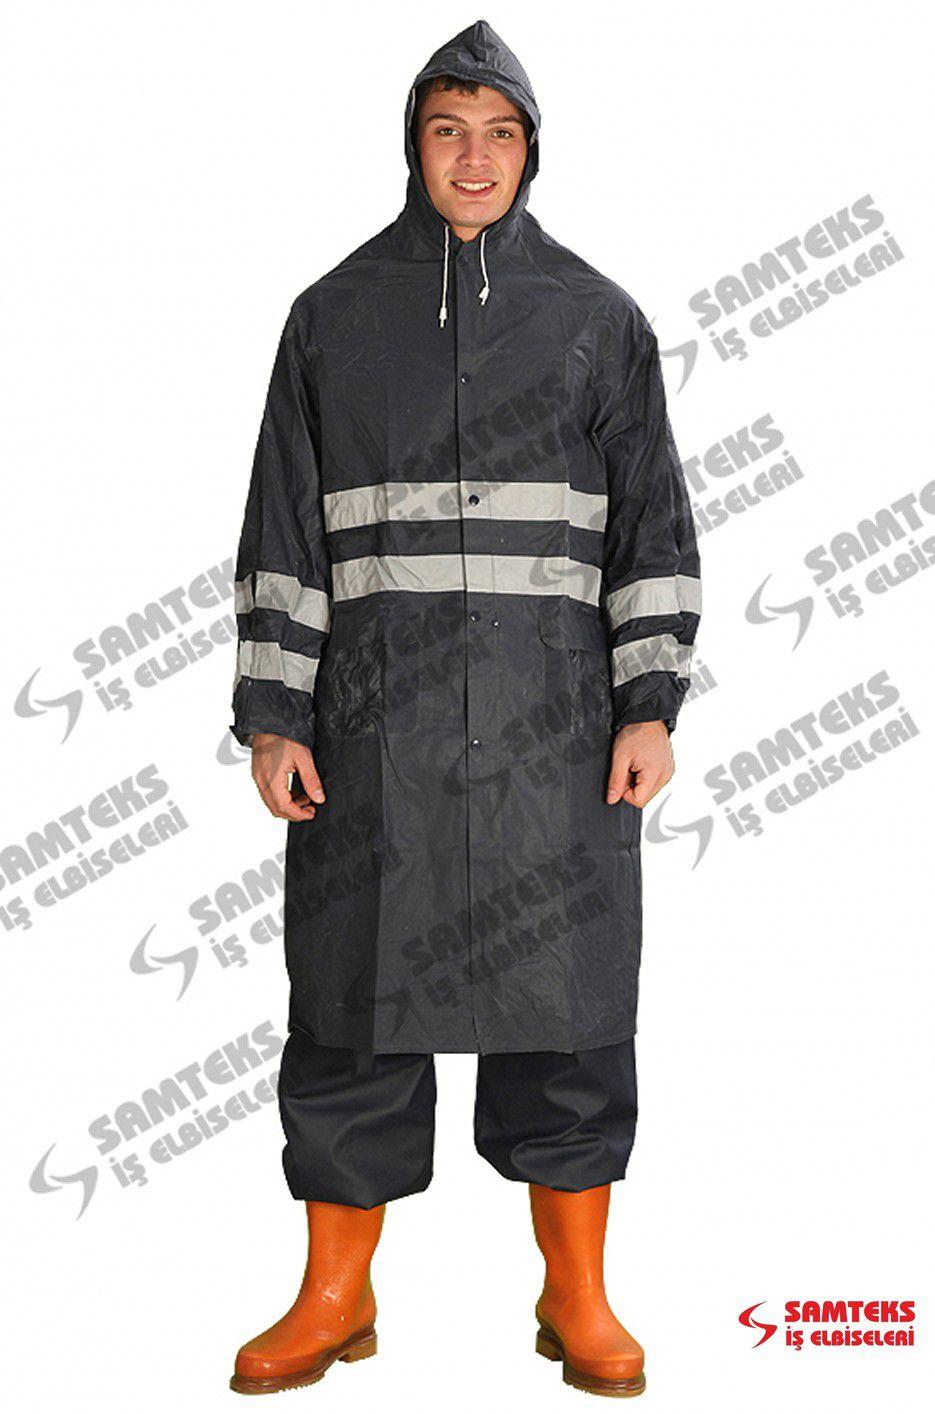 SAMTEKS WORK UNIFORMS Collection Work Uniforms 2014